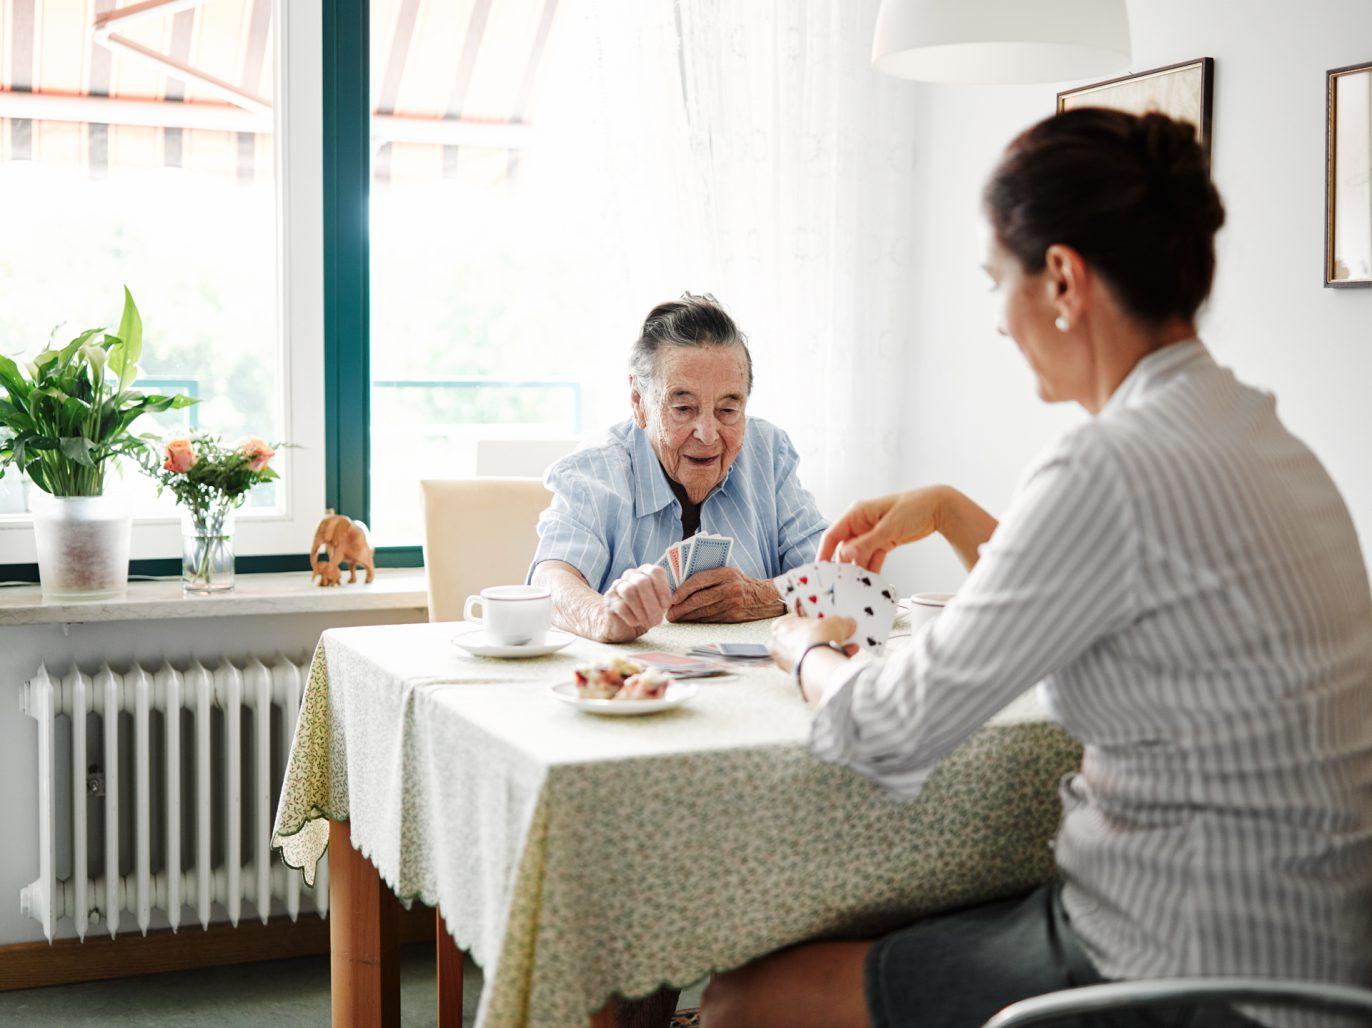 Angehörige spielt Karten mit einer älteren Dame.